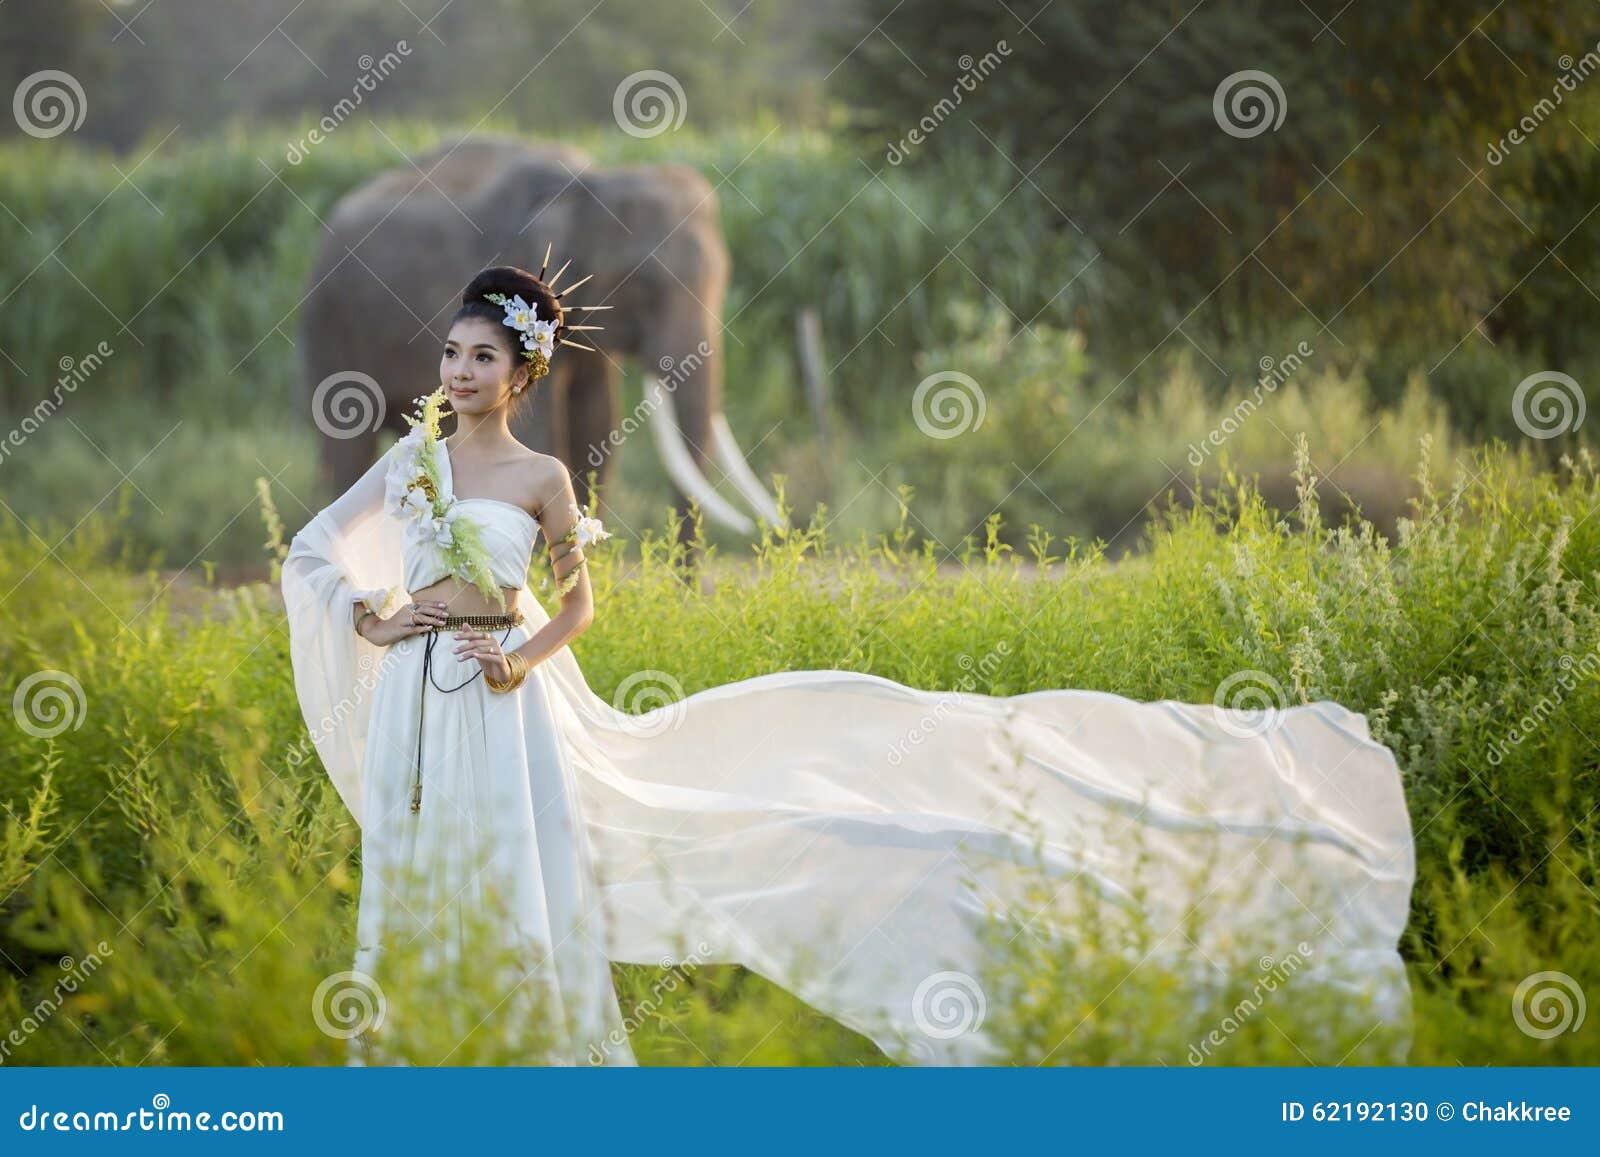 White women in thailand